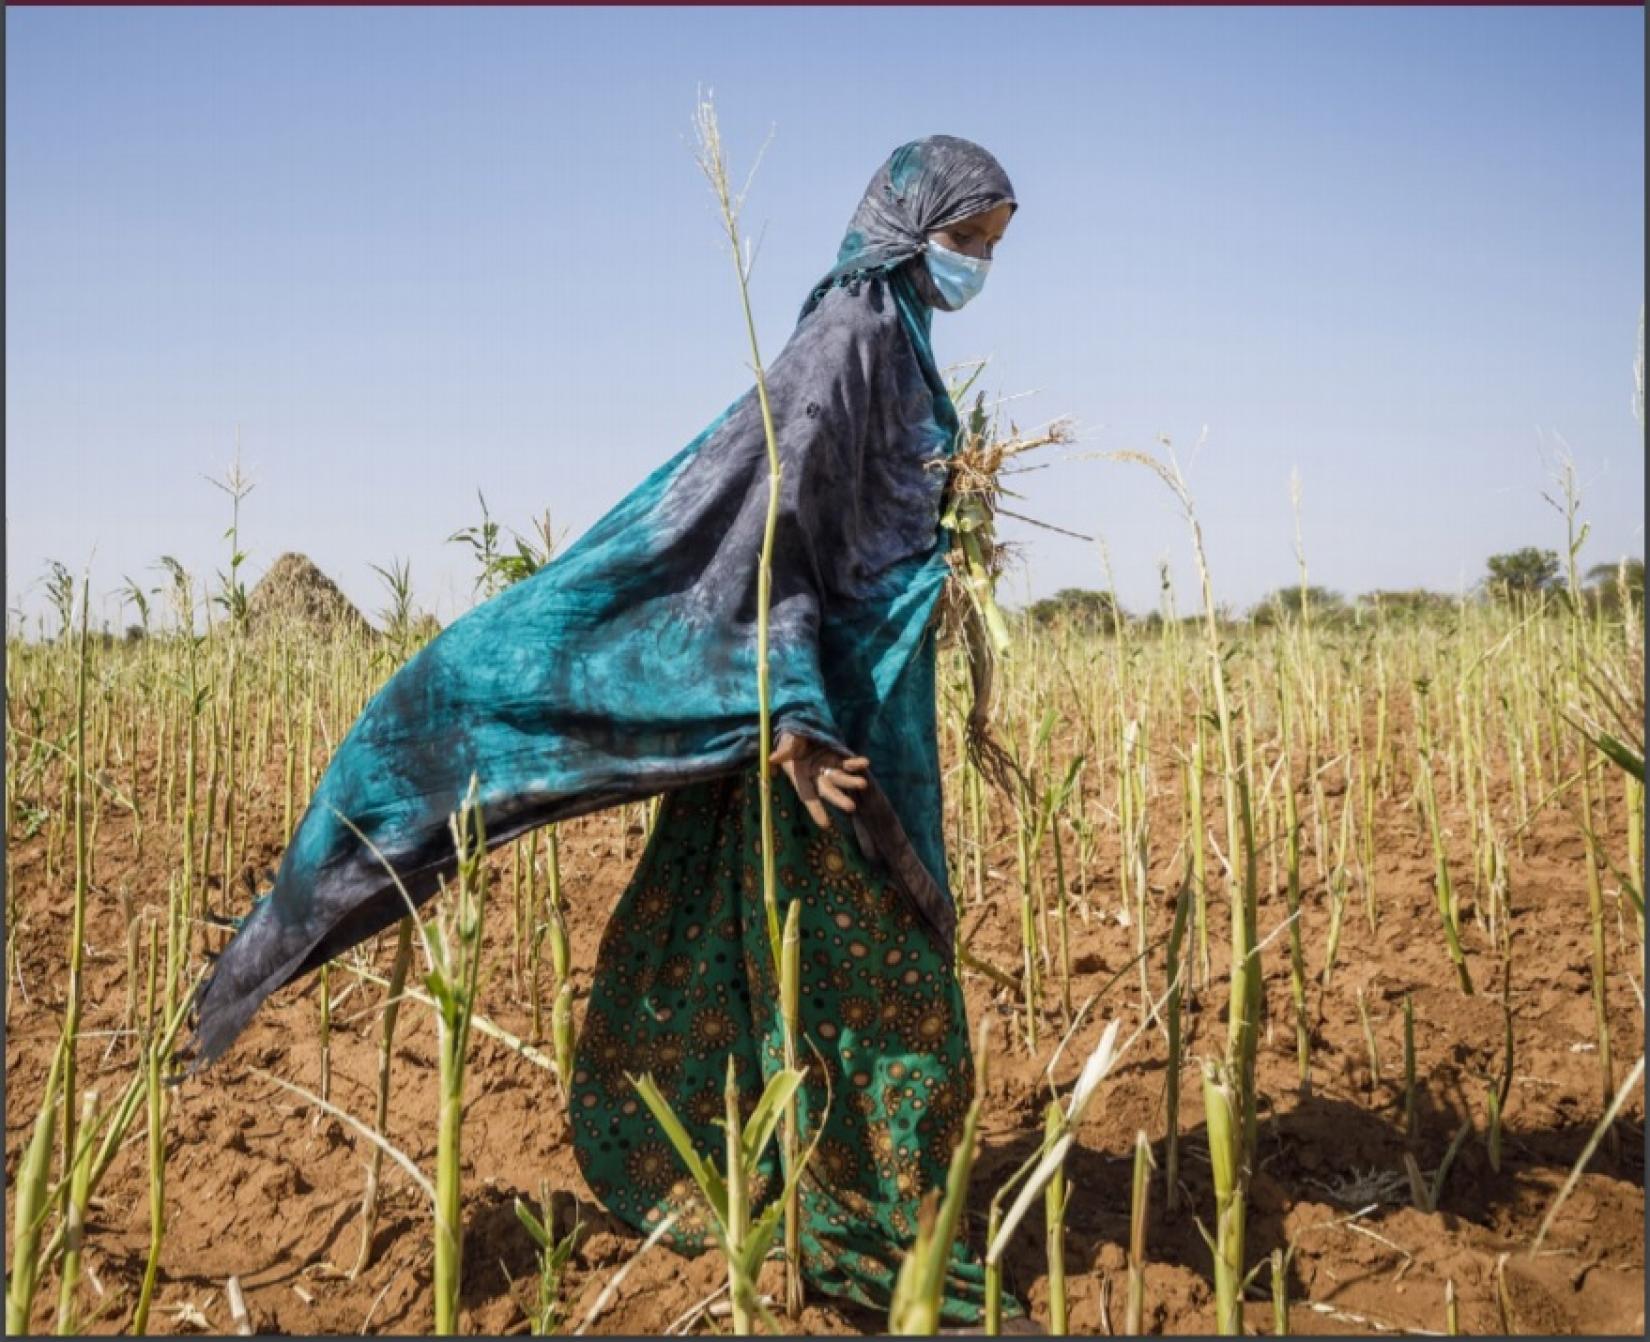 Novo relatório da FAO constata que as perdas agrícolas causadas por desastres naturais continuam a aumentar, infligindo danos econômicos e prejudicando a nutrição.